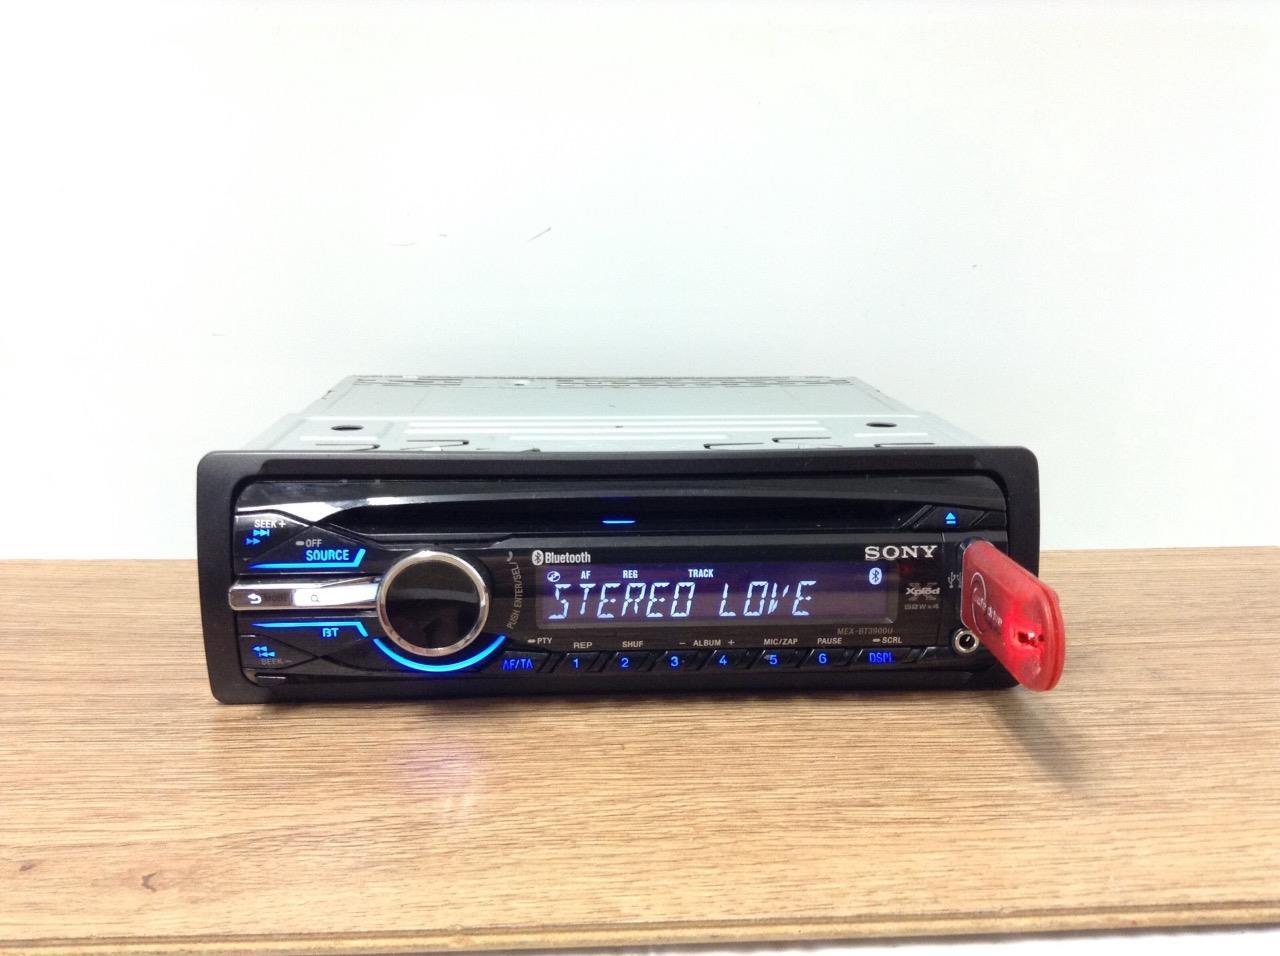 sony xplod radio 1991 honda crx wiring diagram mex bt3900u car cd mp3 bluetooth usb aux in